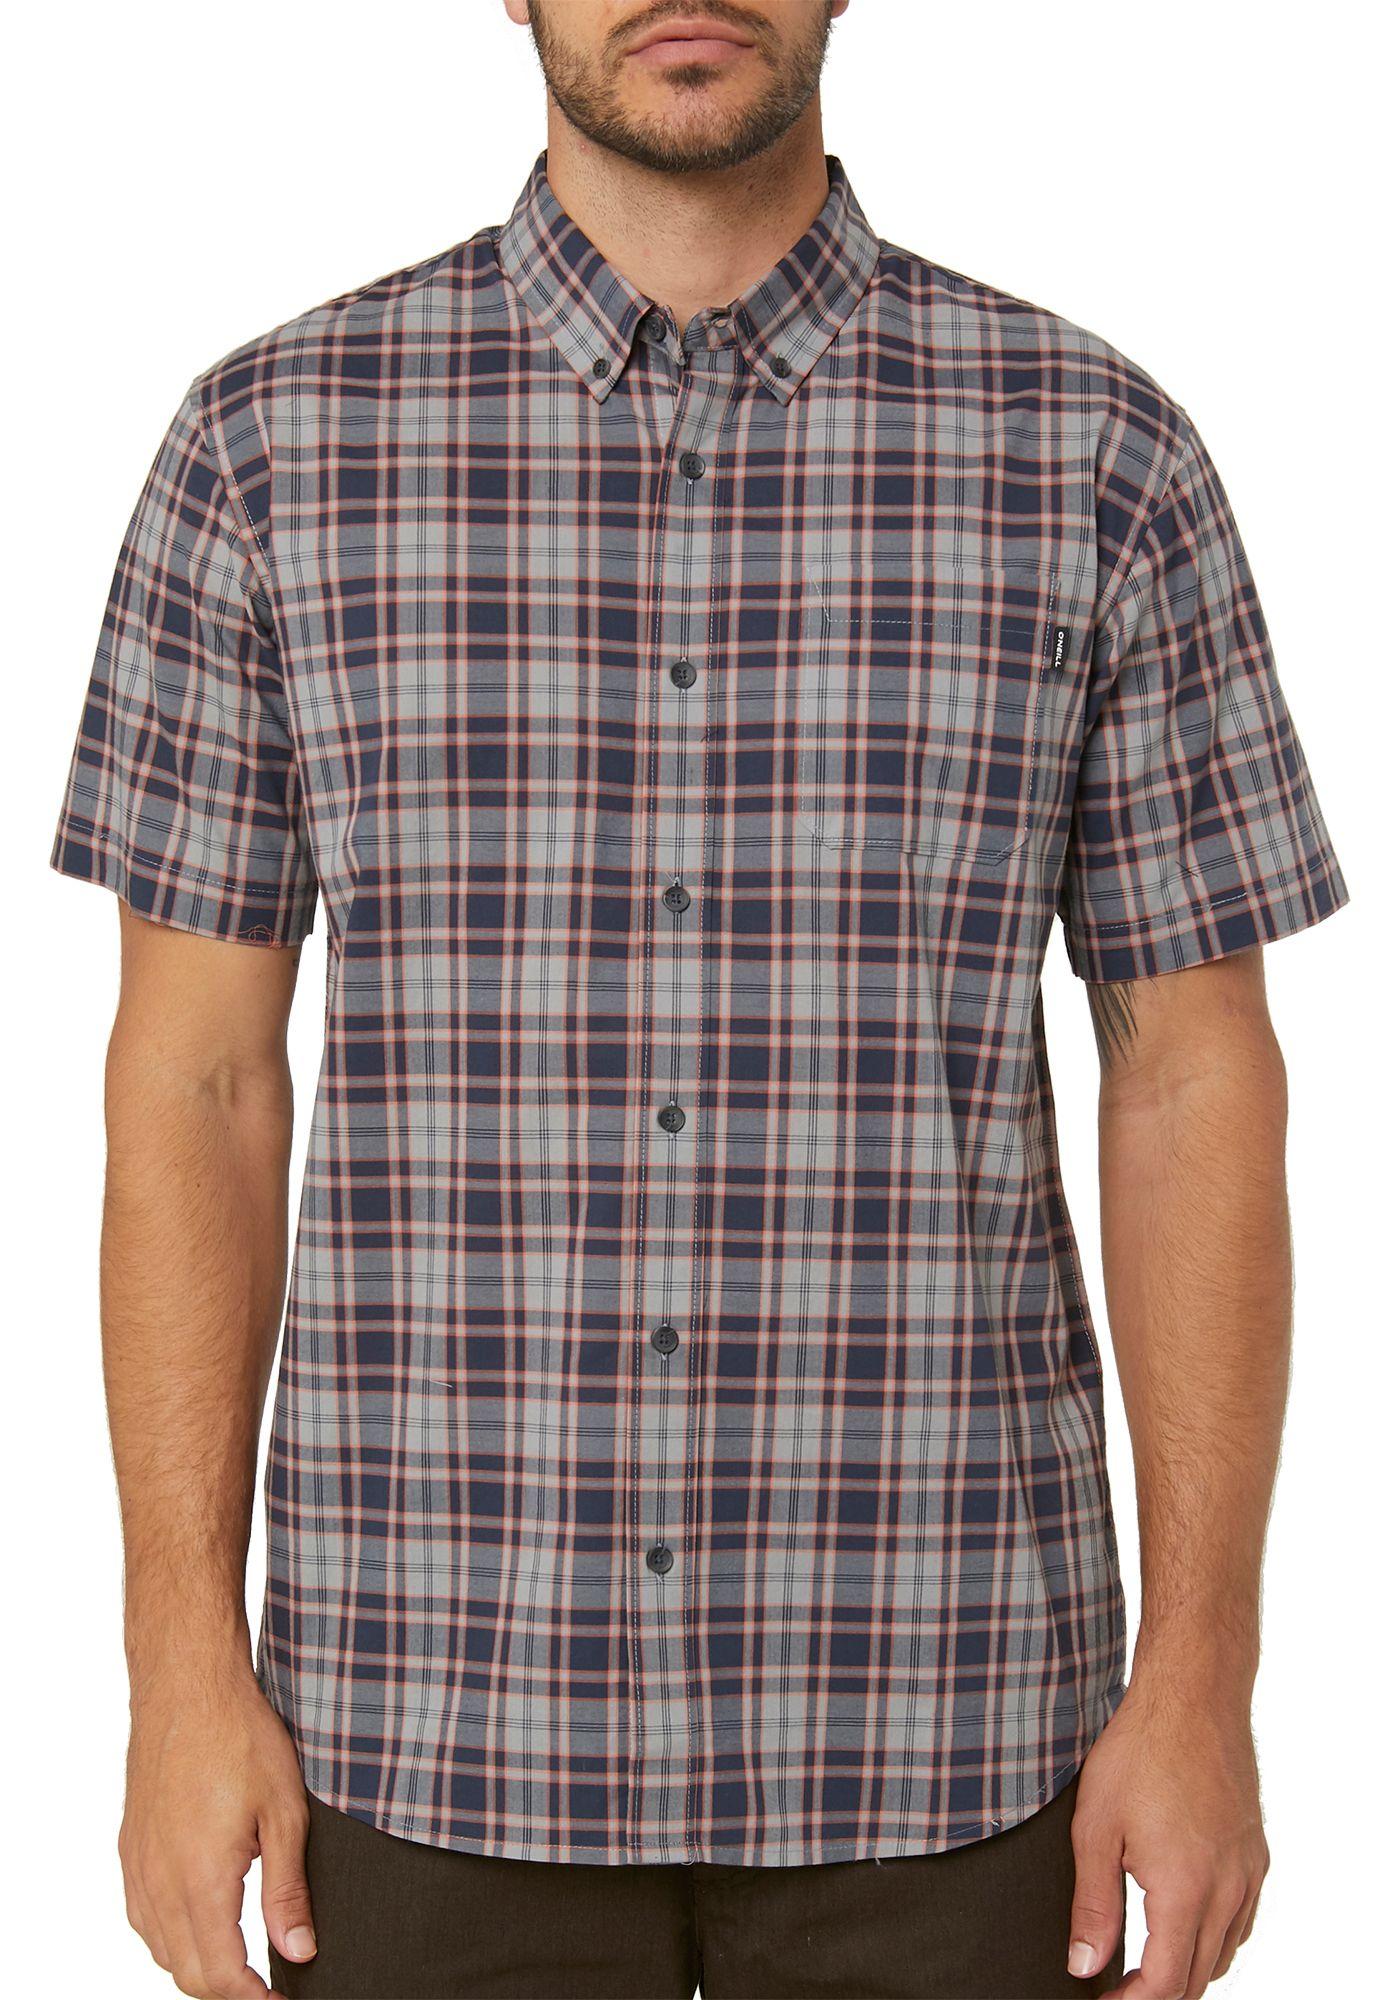 O'Neill Men's Timebomb Short Sleeve Button Up Shirt